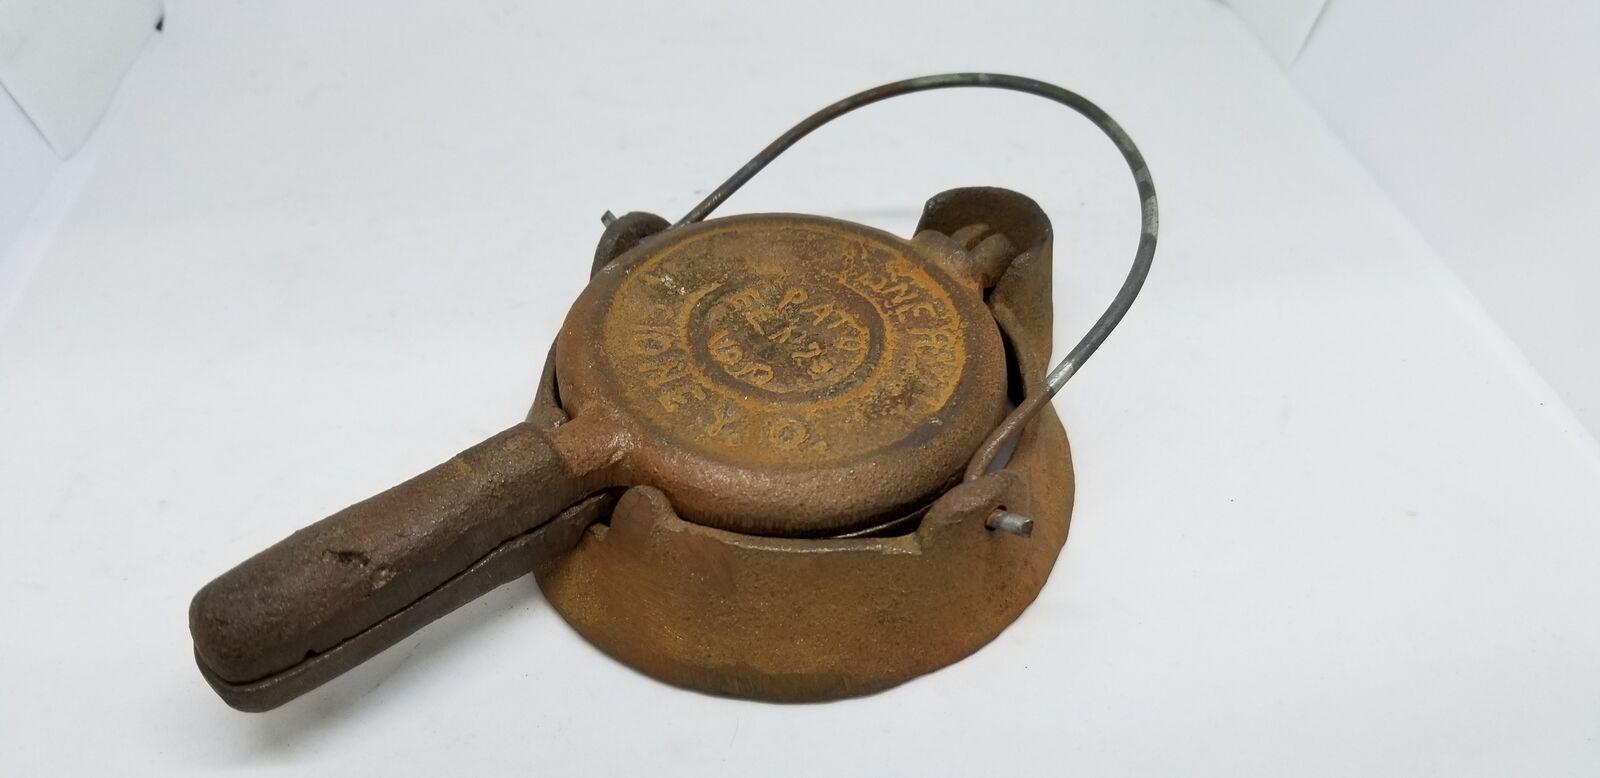 Antike spielzeug wagner 1910 gusseisen waffeleisen